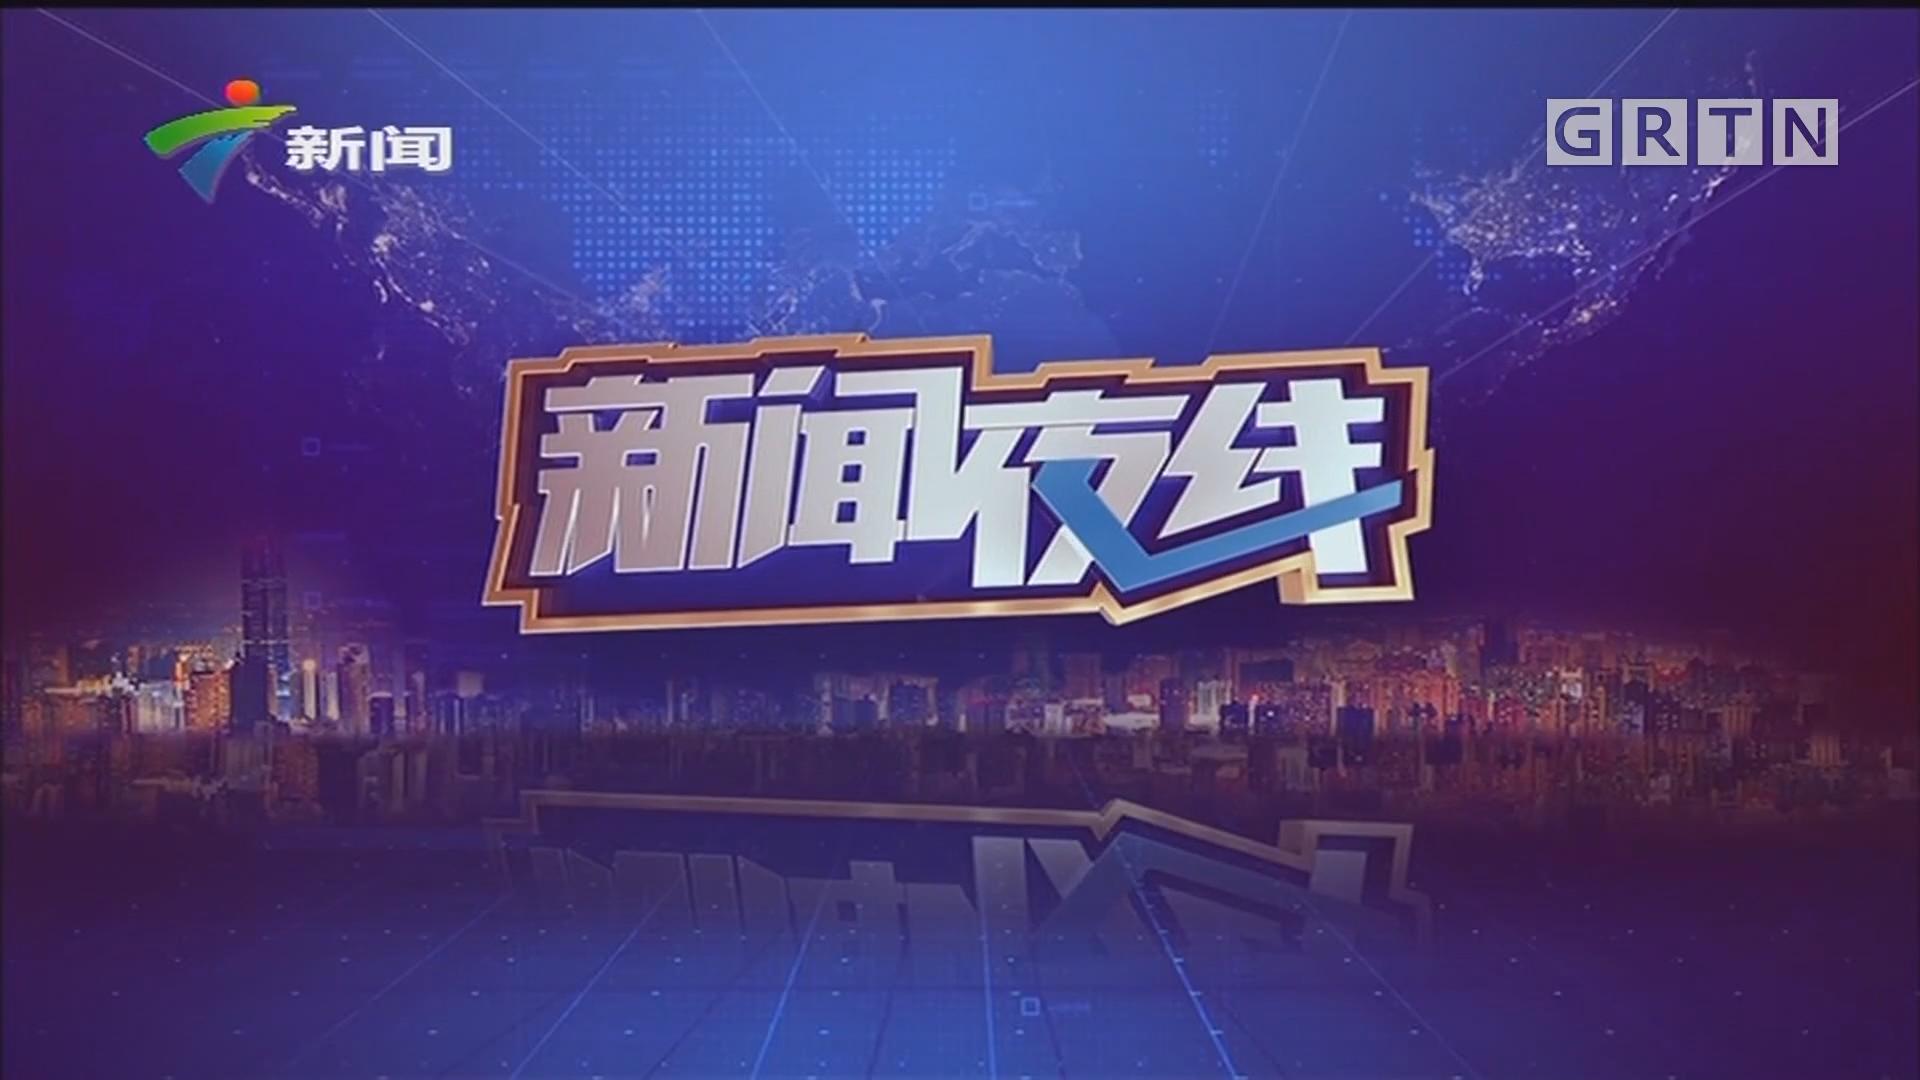 [HD][2019-09-27]新闻夜线:国新办发布《新时代的中国与世界》白皮书